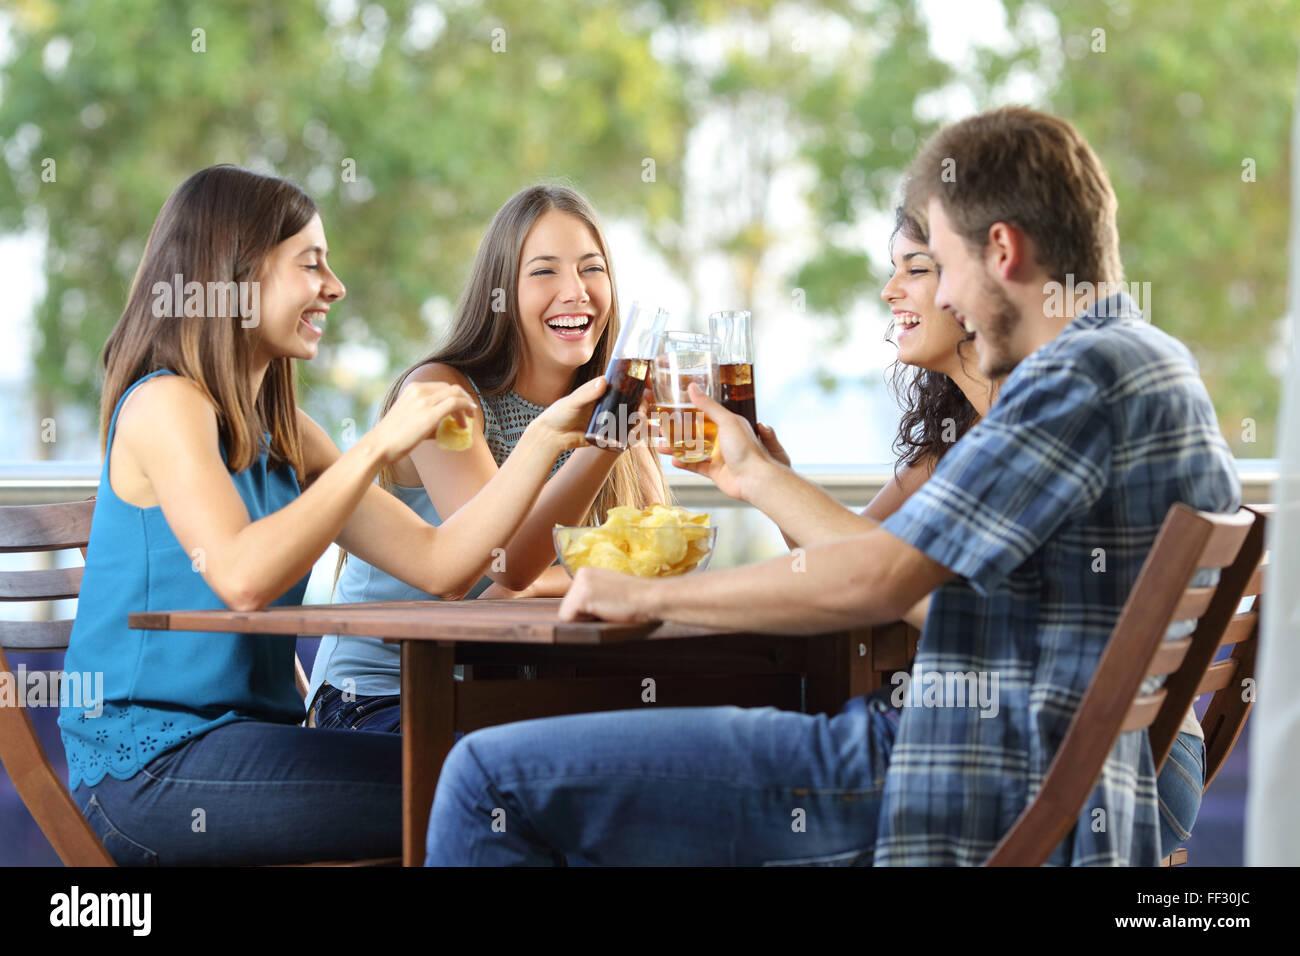 Un gruppo di 4 amici felice tostare in un albergo o casa terrazza Immagini Stock